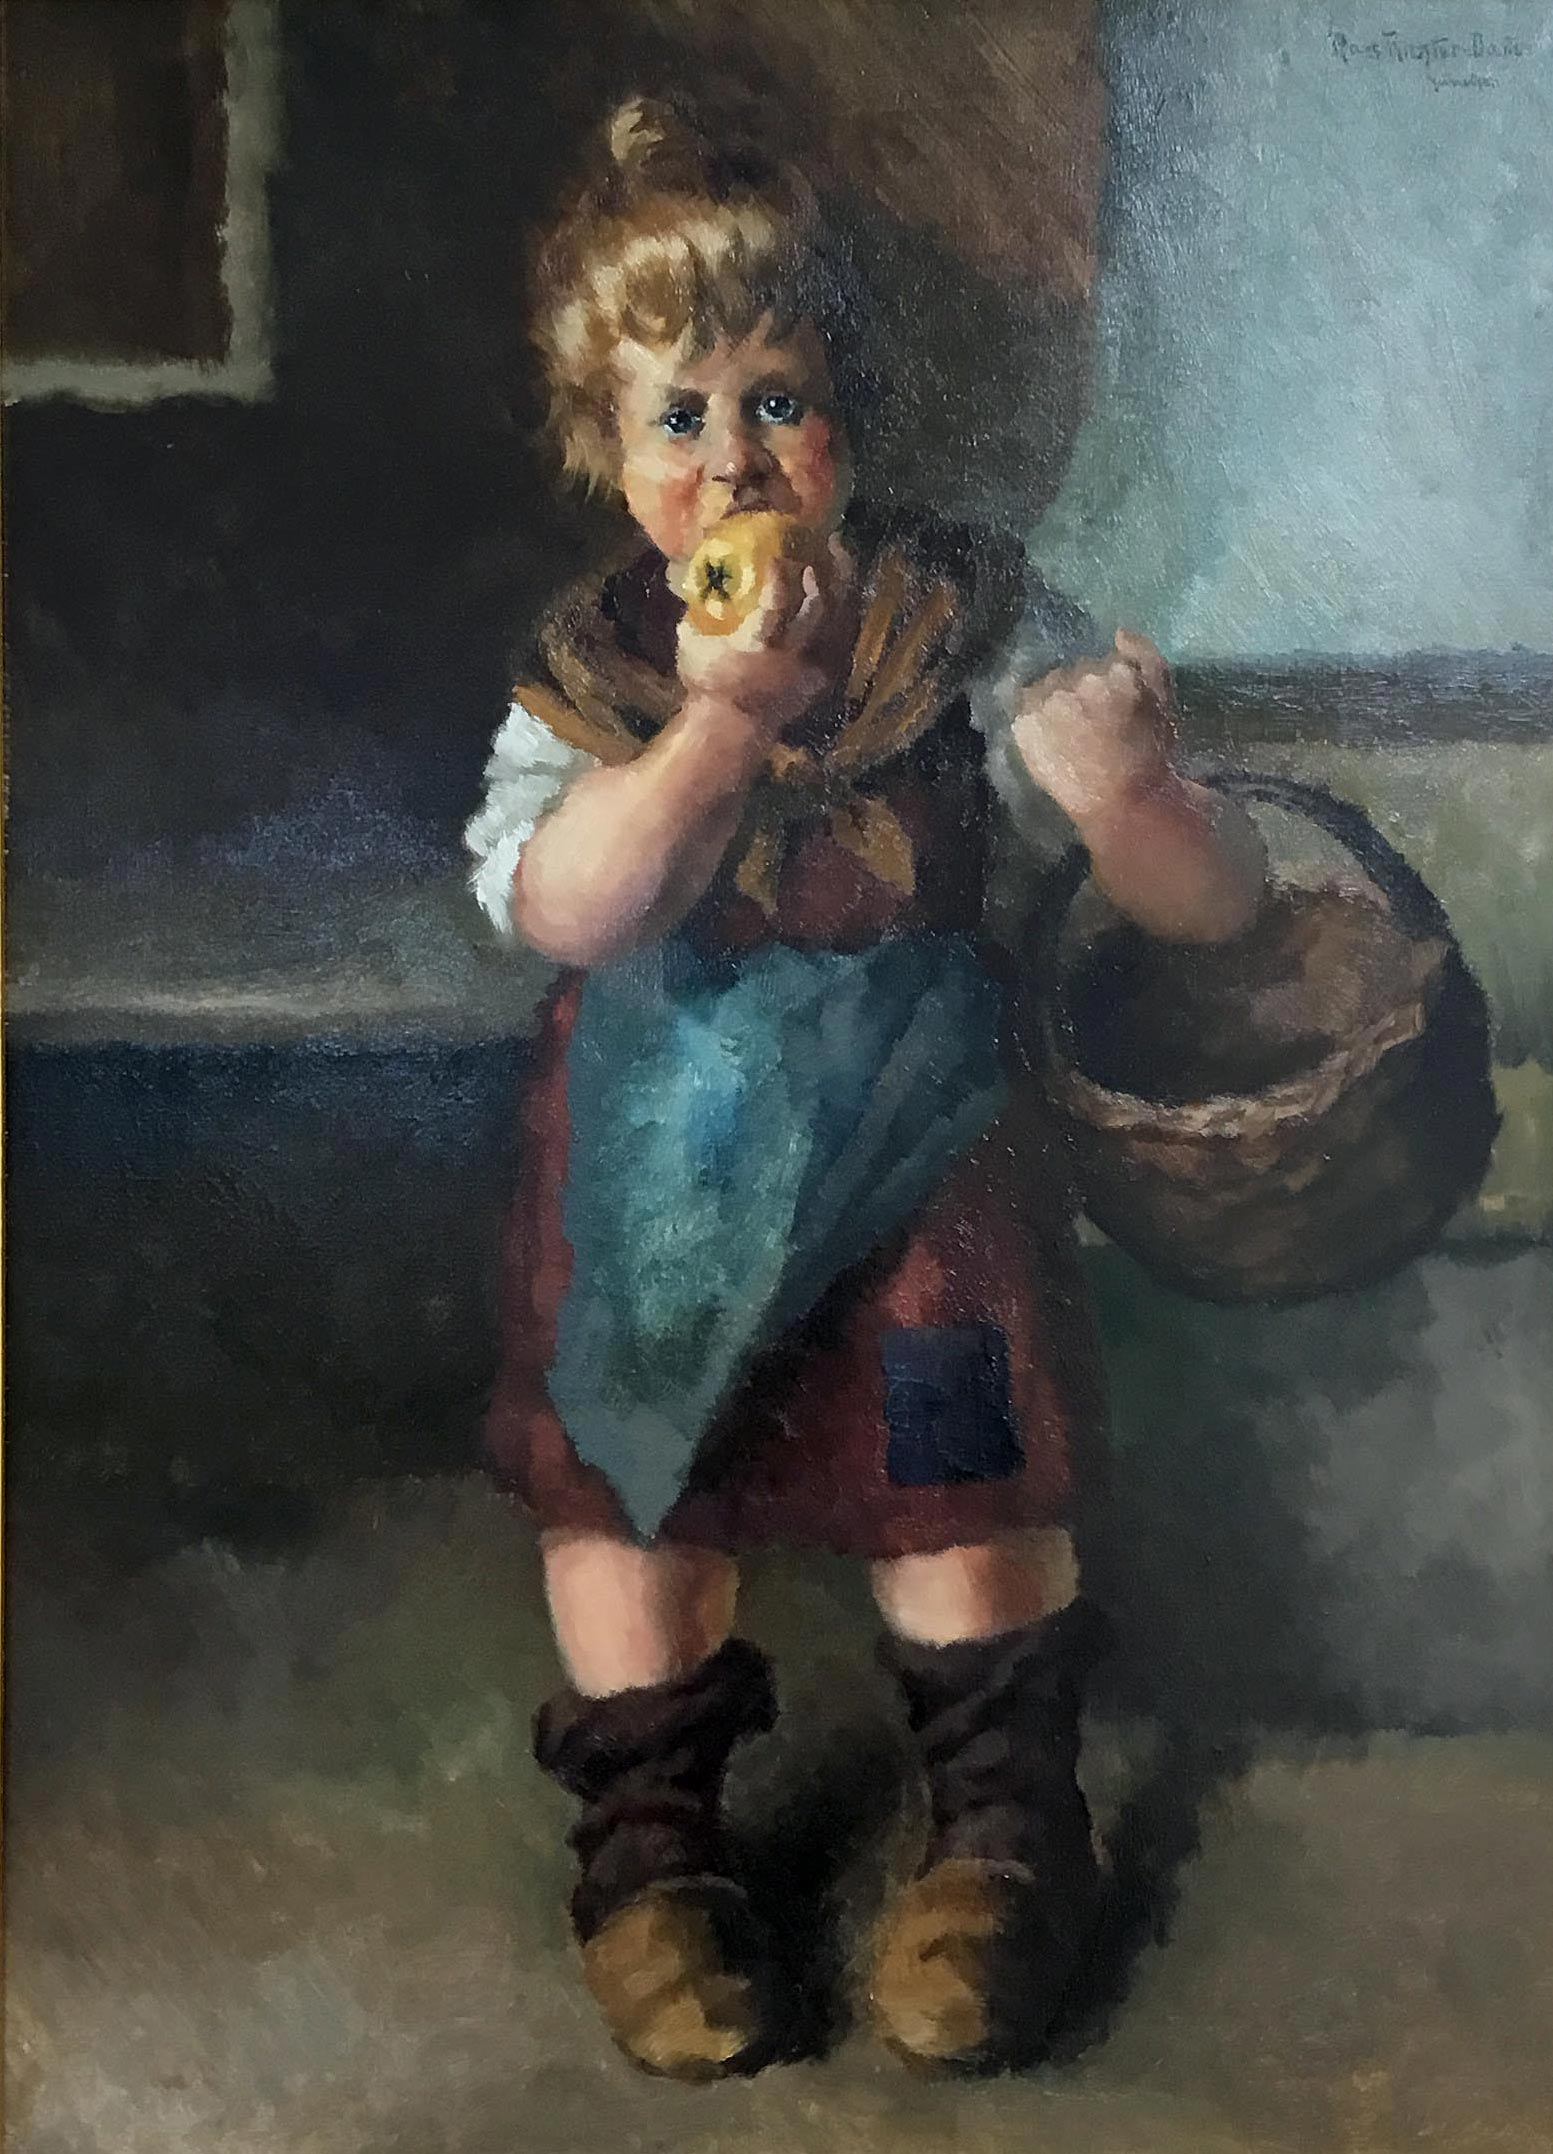 HANS RICHTER DAMM (1881 - 1937)